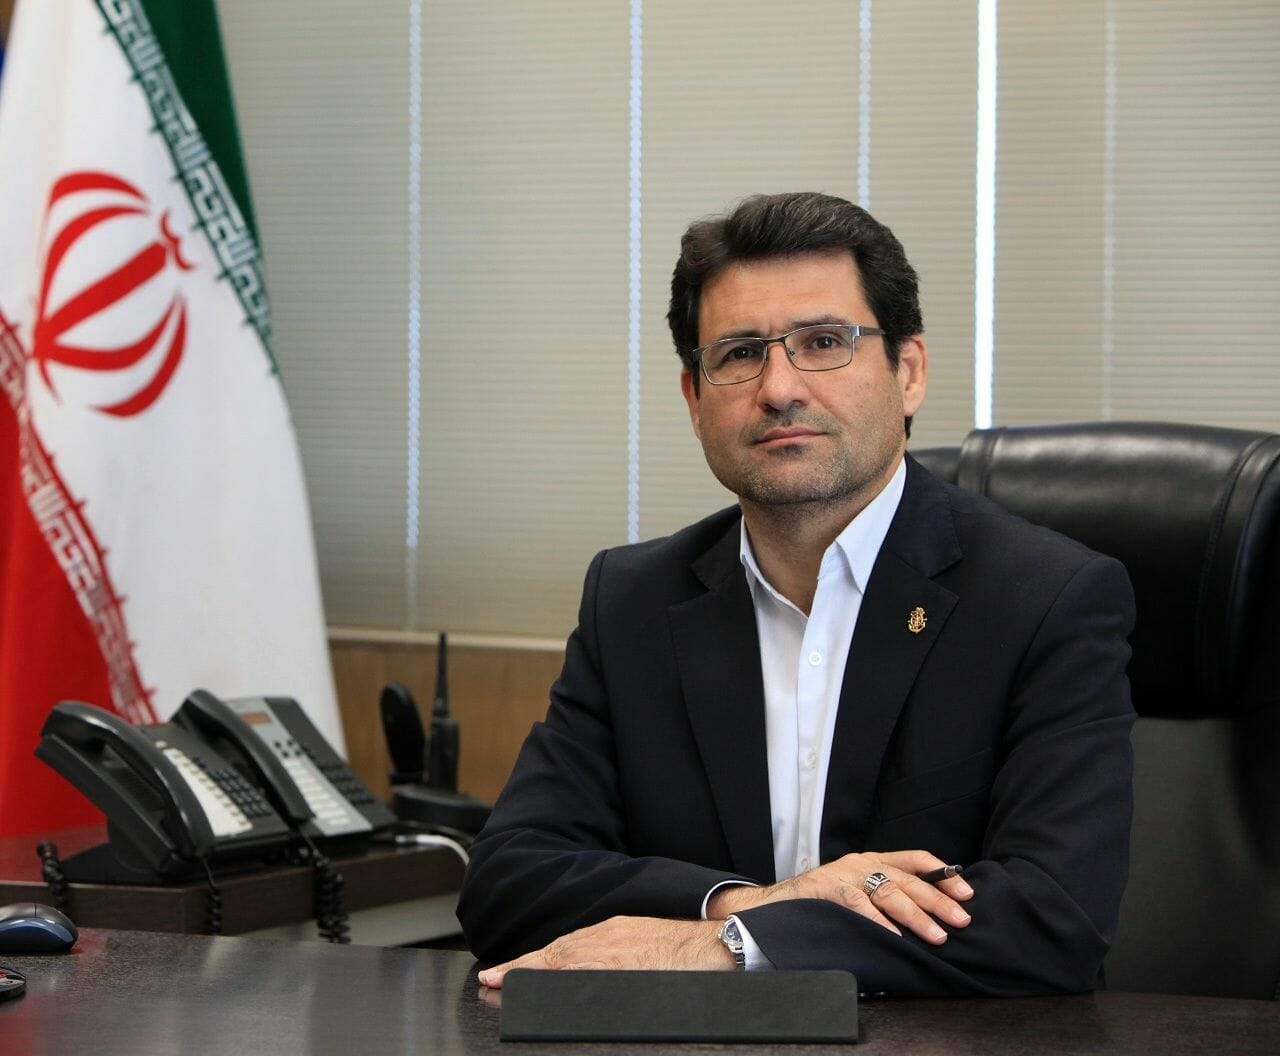 حل مسائل مهندسی در سواحل ایران به عنوان ماموریت حاکمیتی سازمان بنادر و دریانوردی